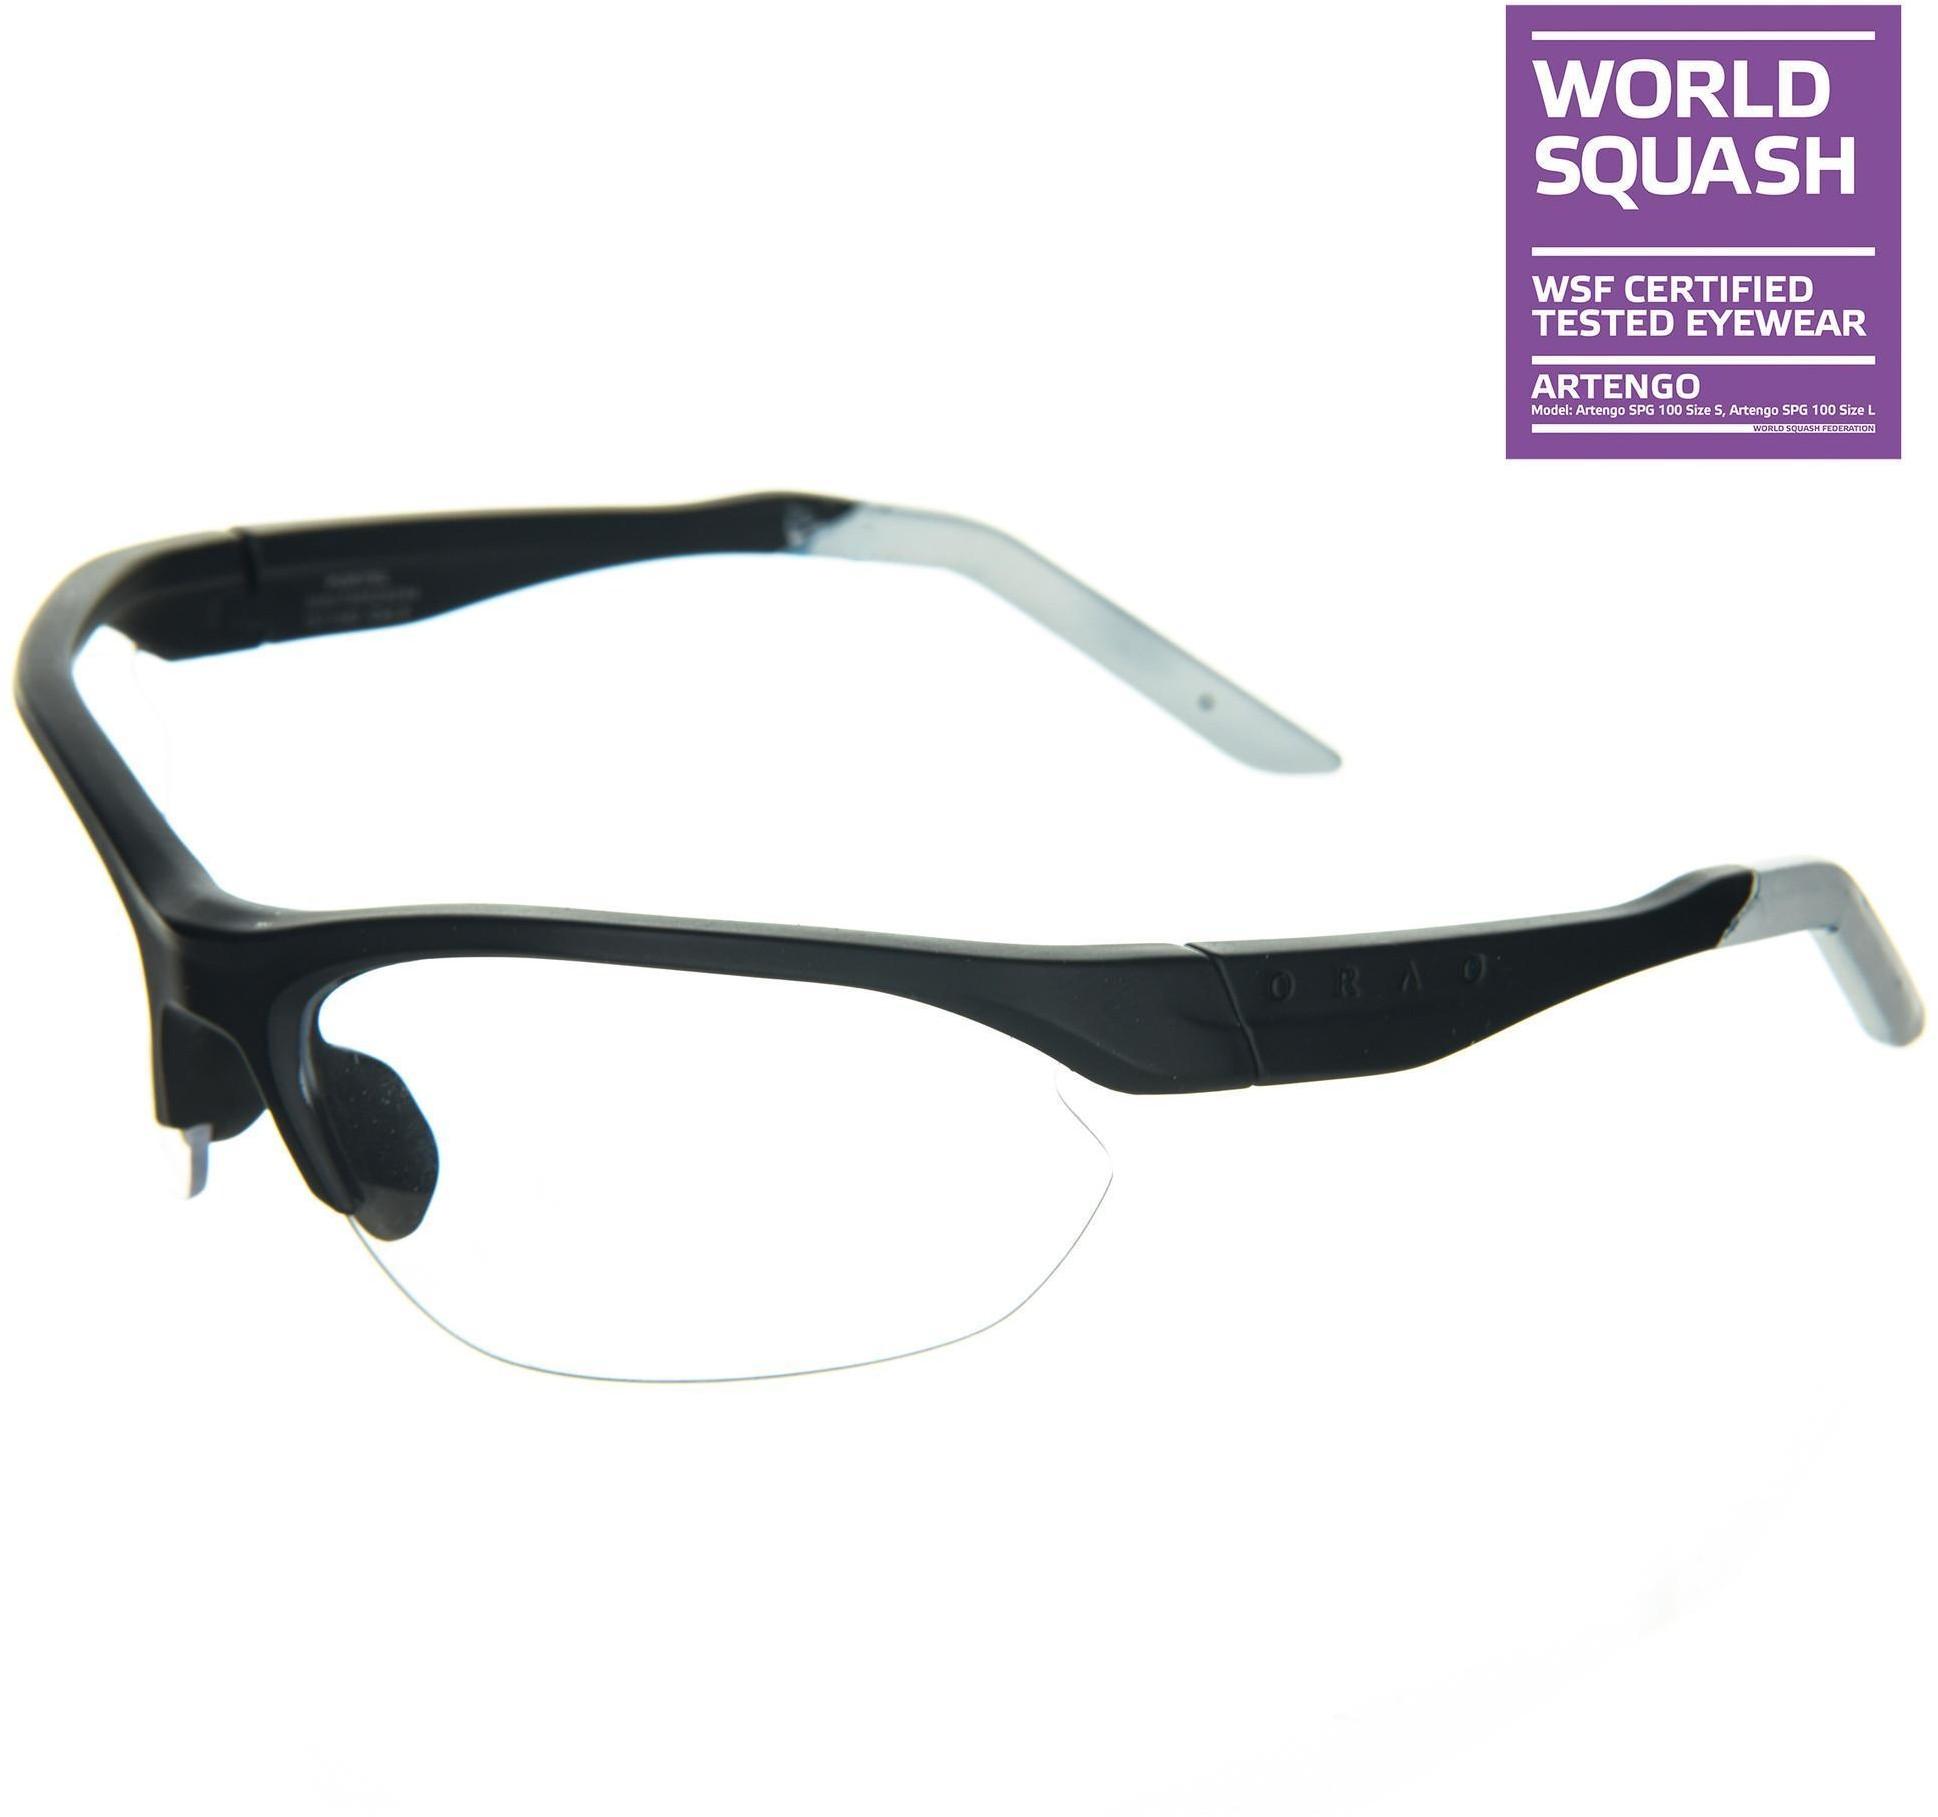 OPFEEL Okulary do squasha rozmiar L na szeroką/dużą twarz unisex